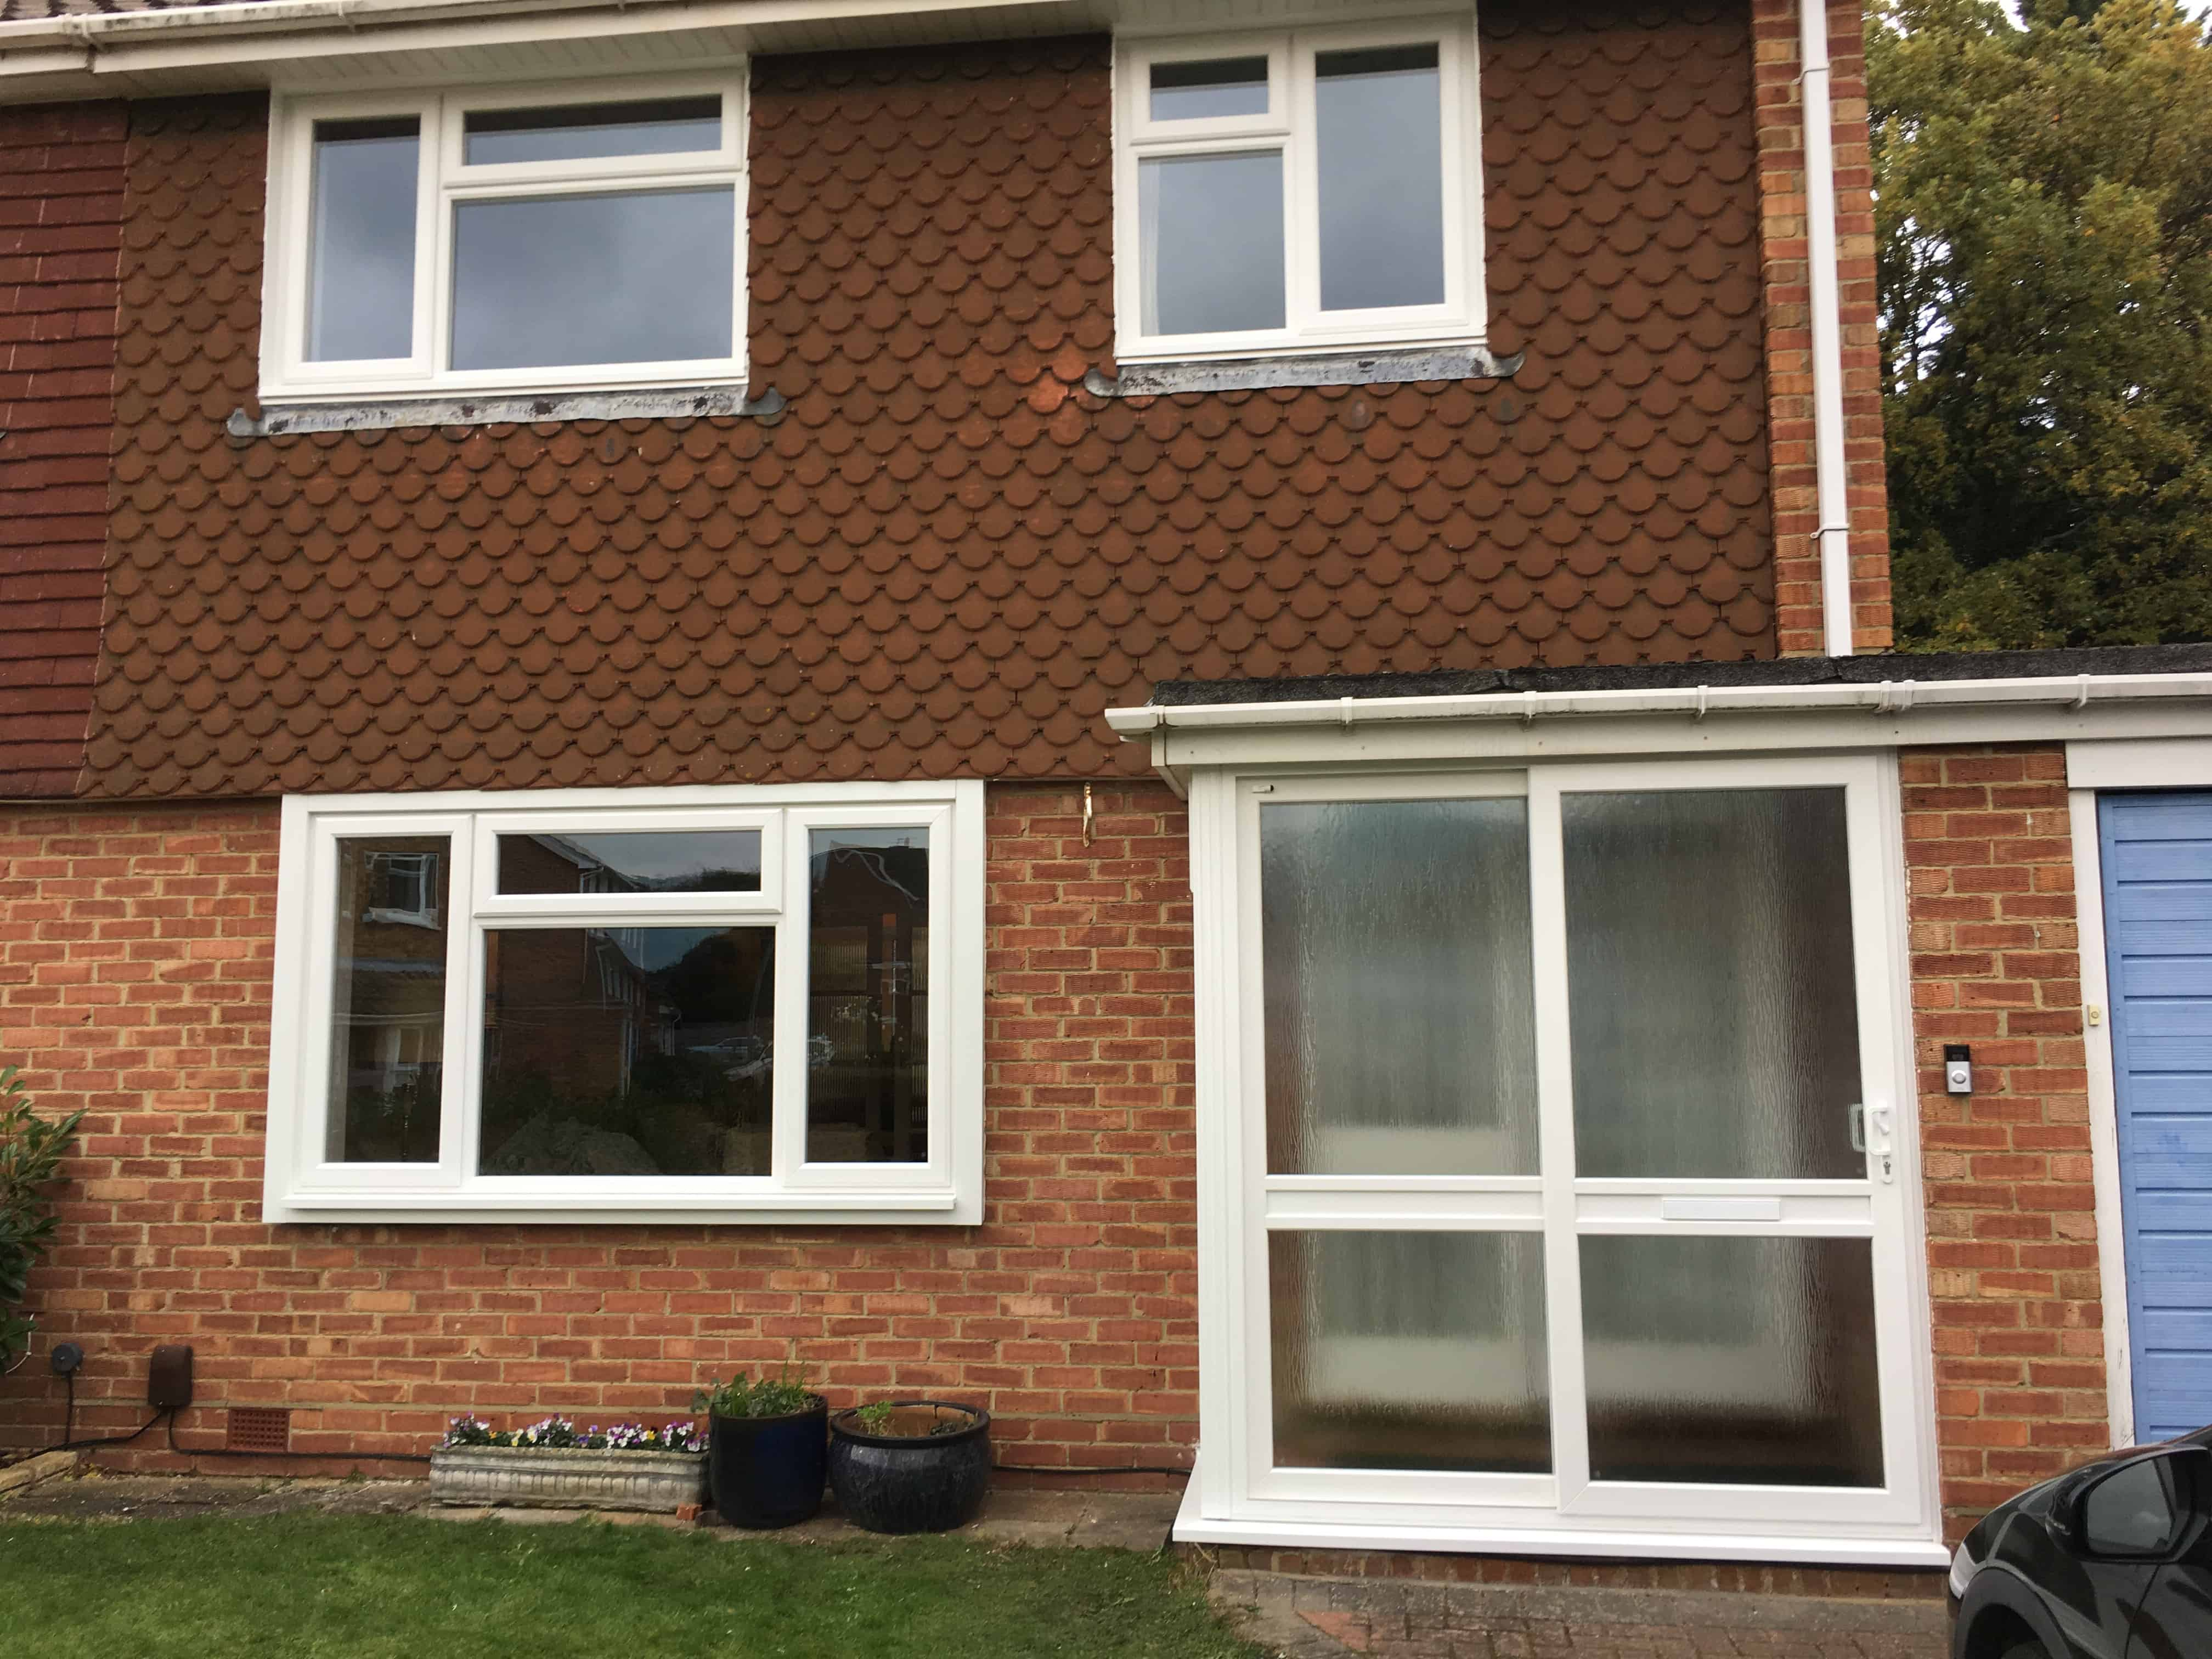 kommerling c70 windows